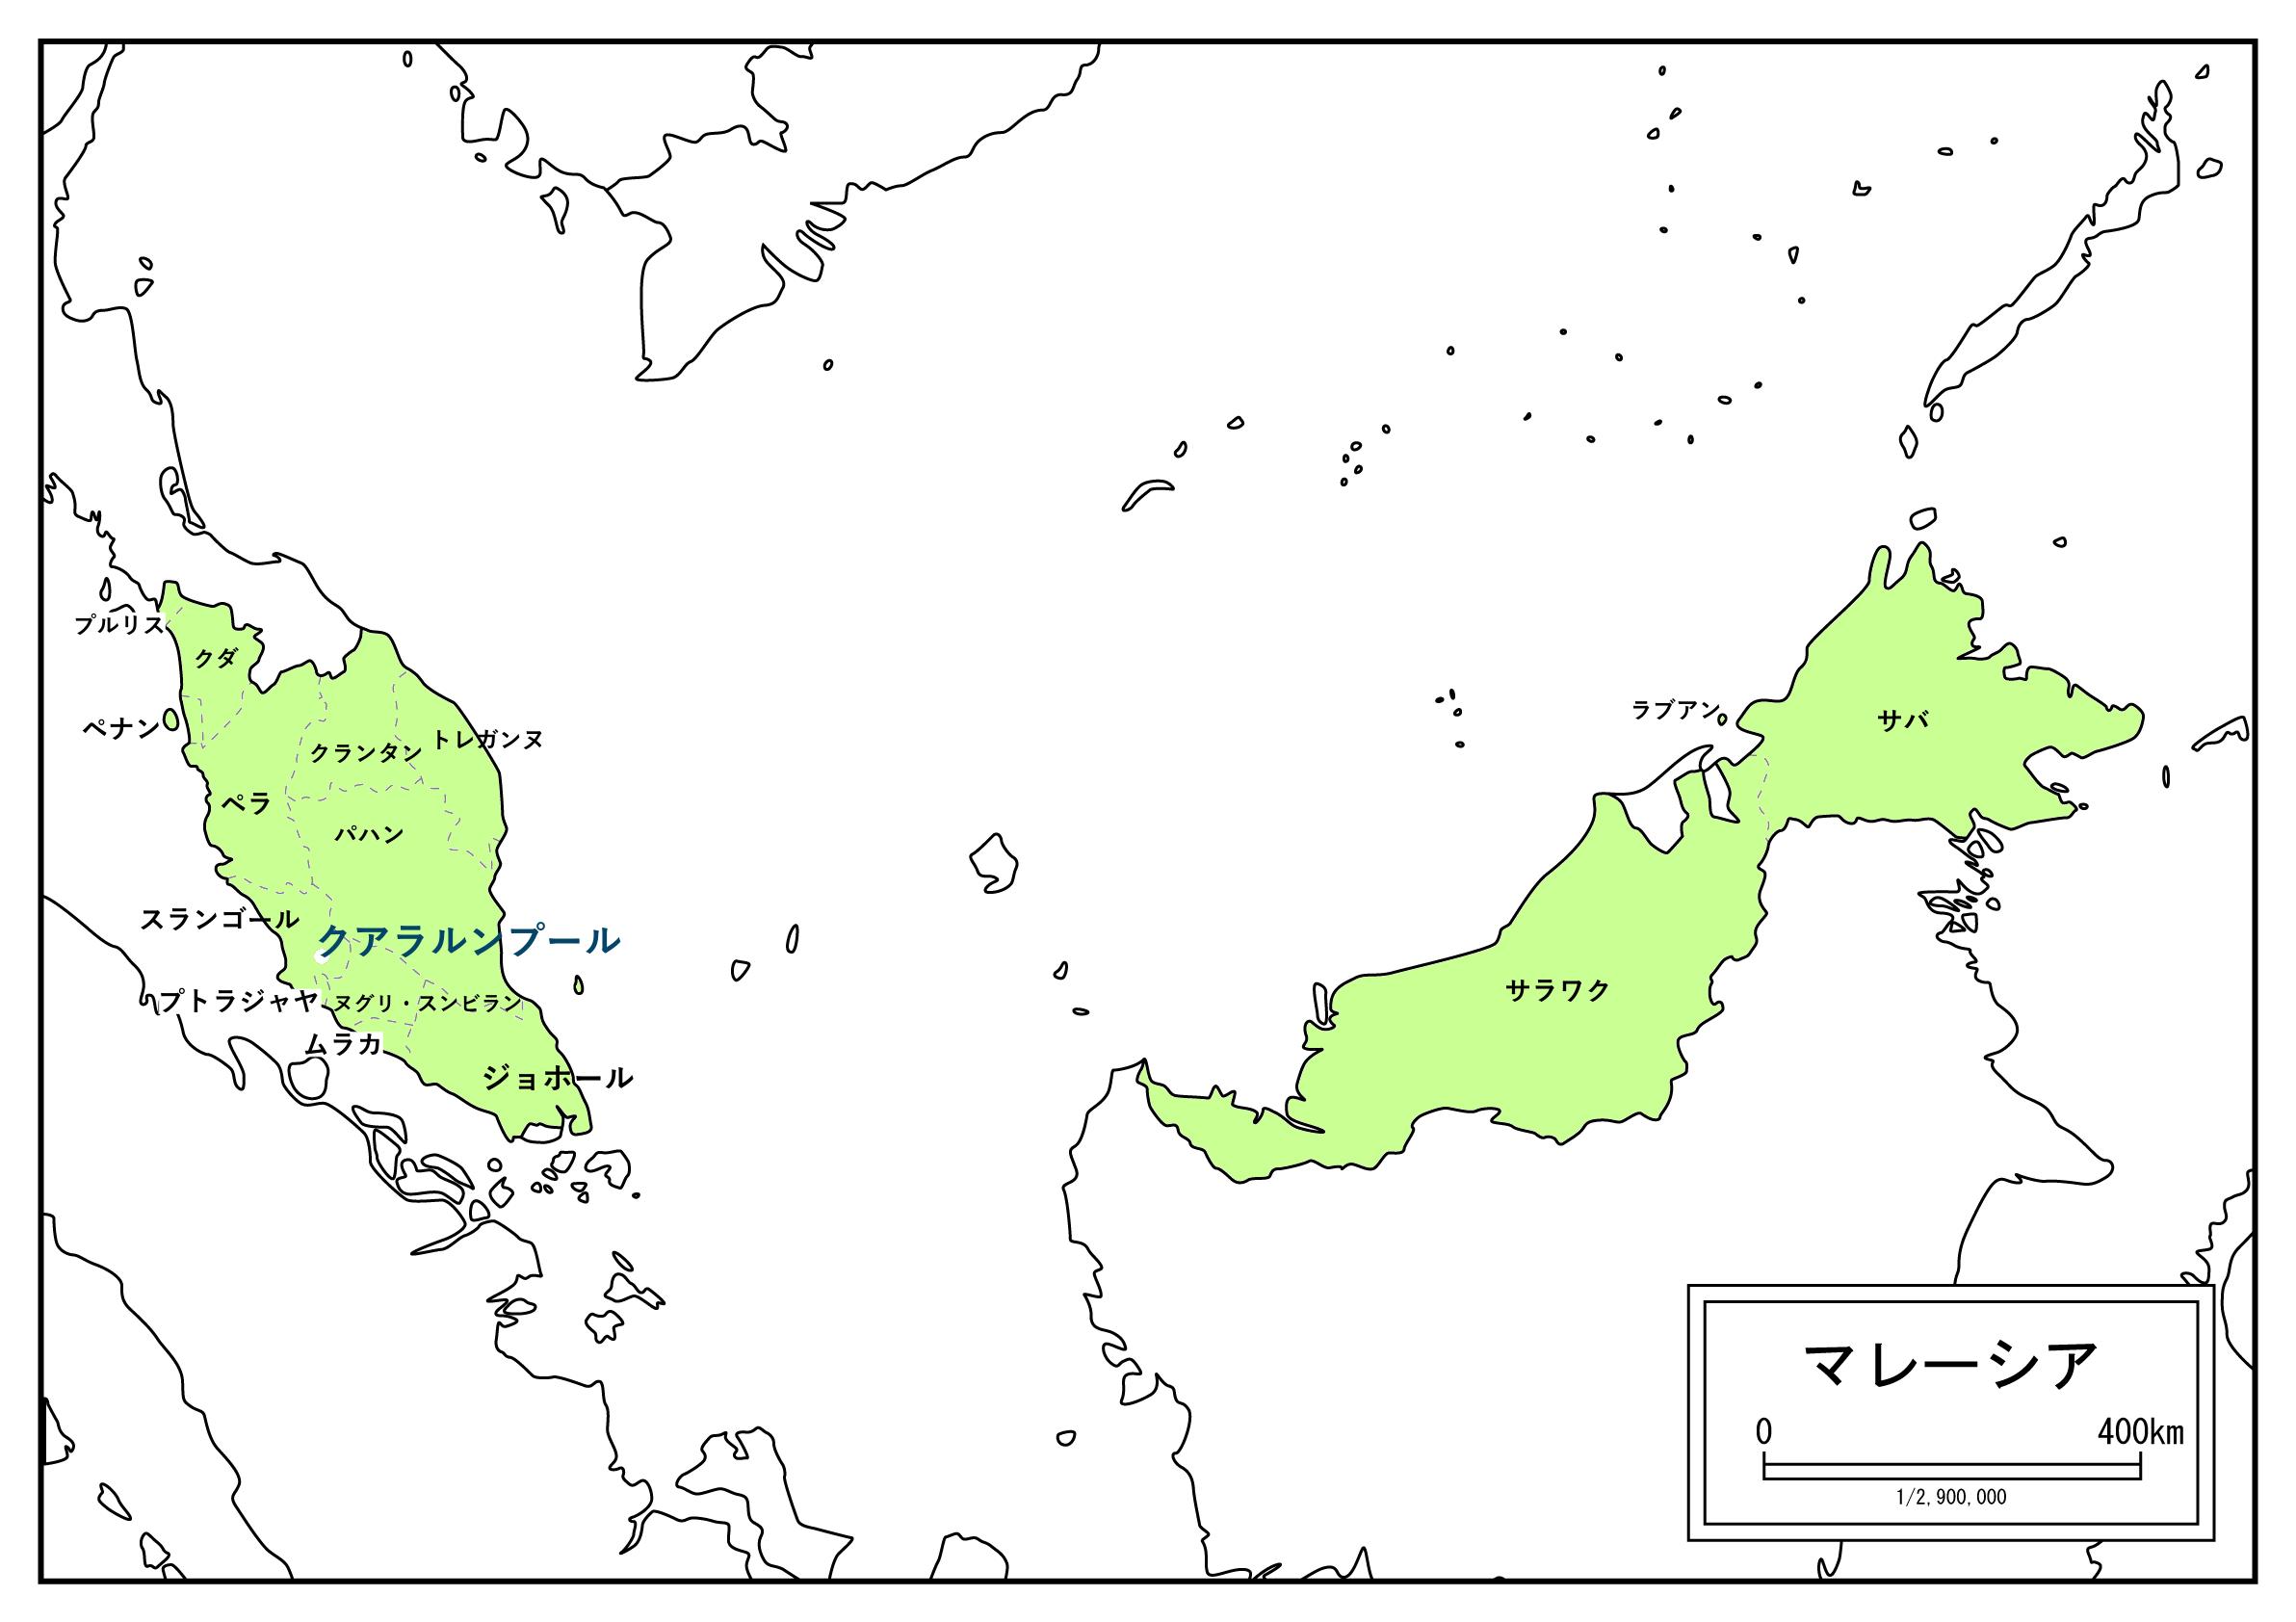 時差 日本 マレーシア